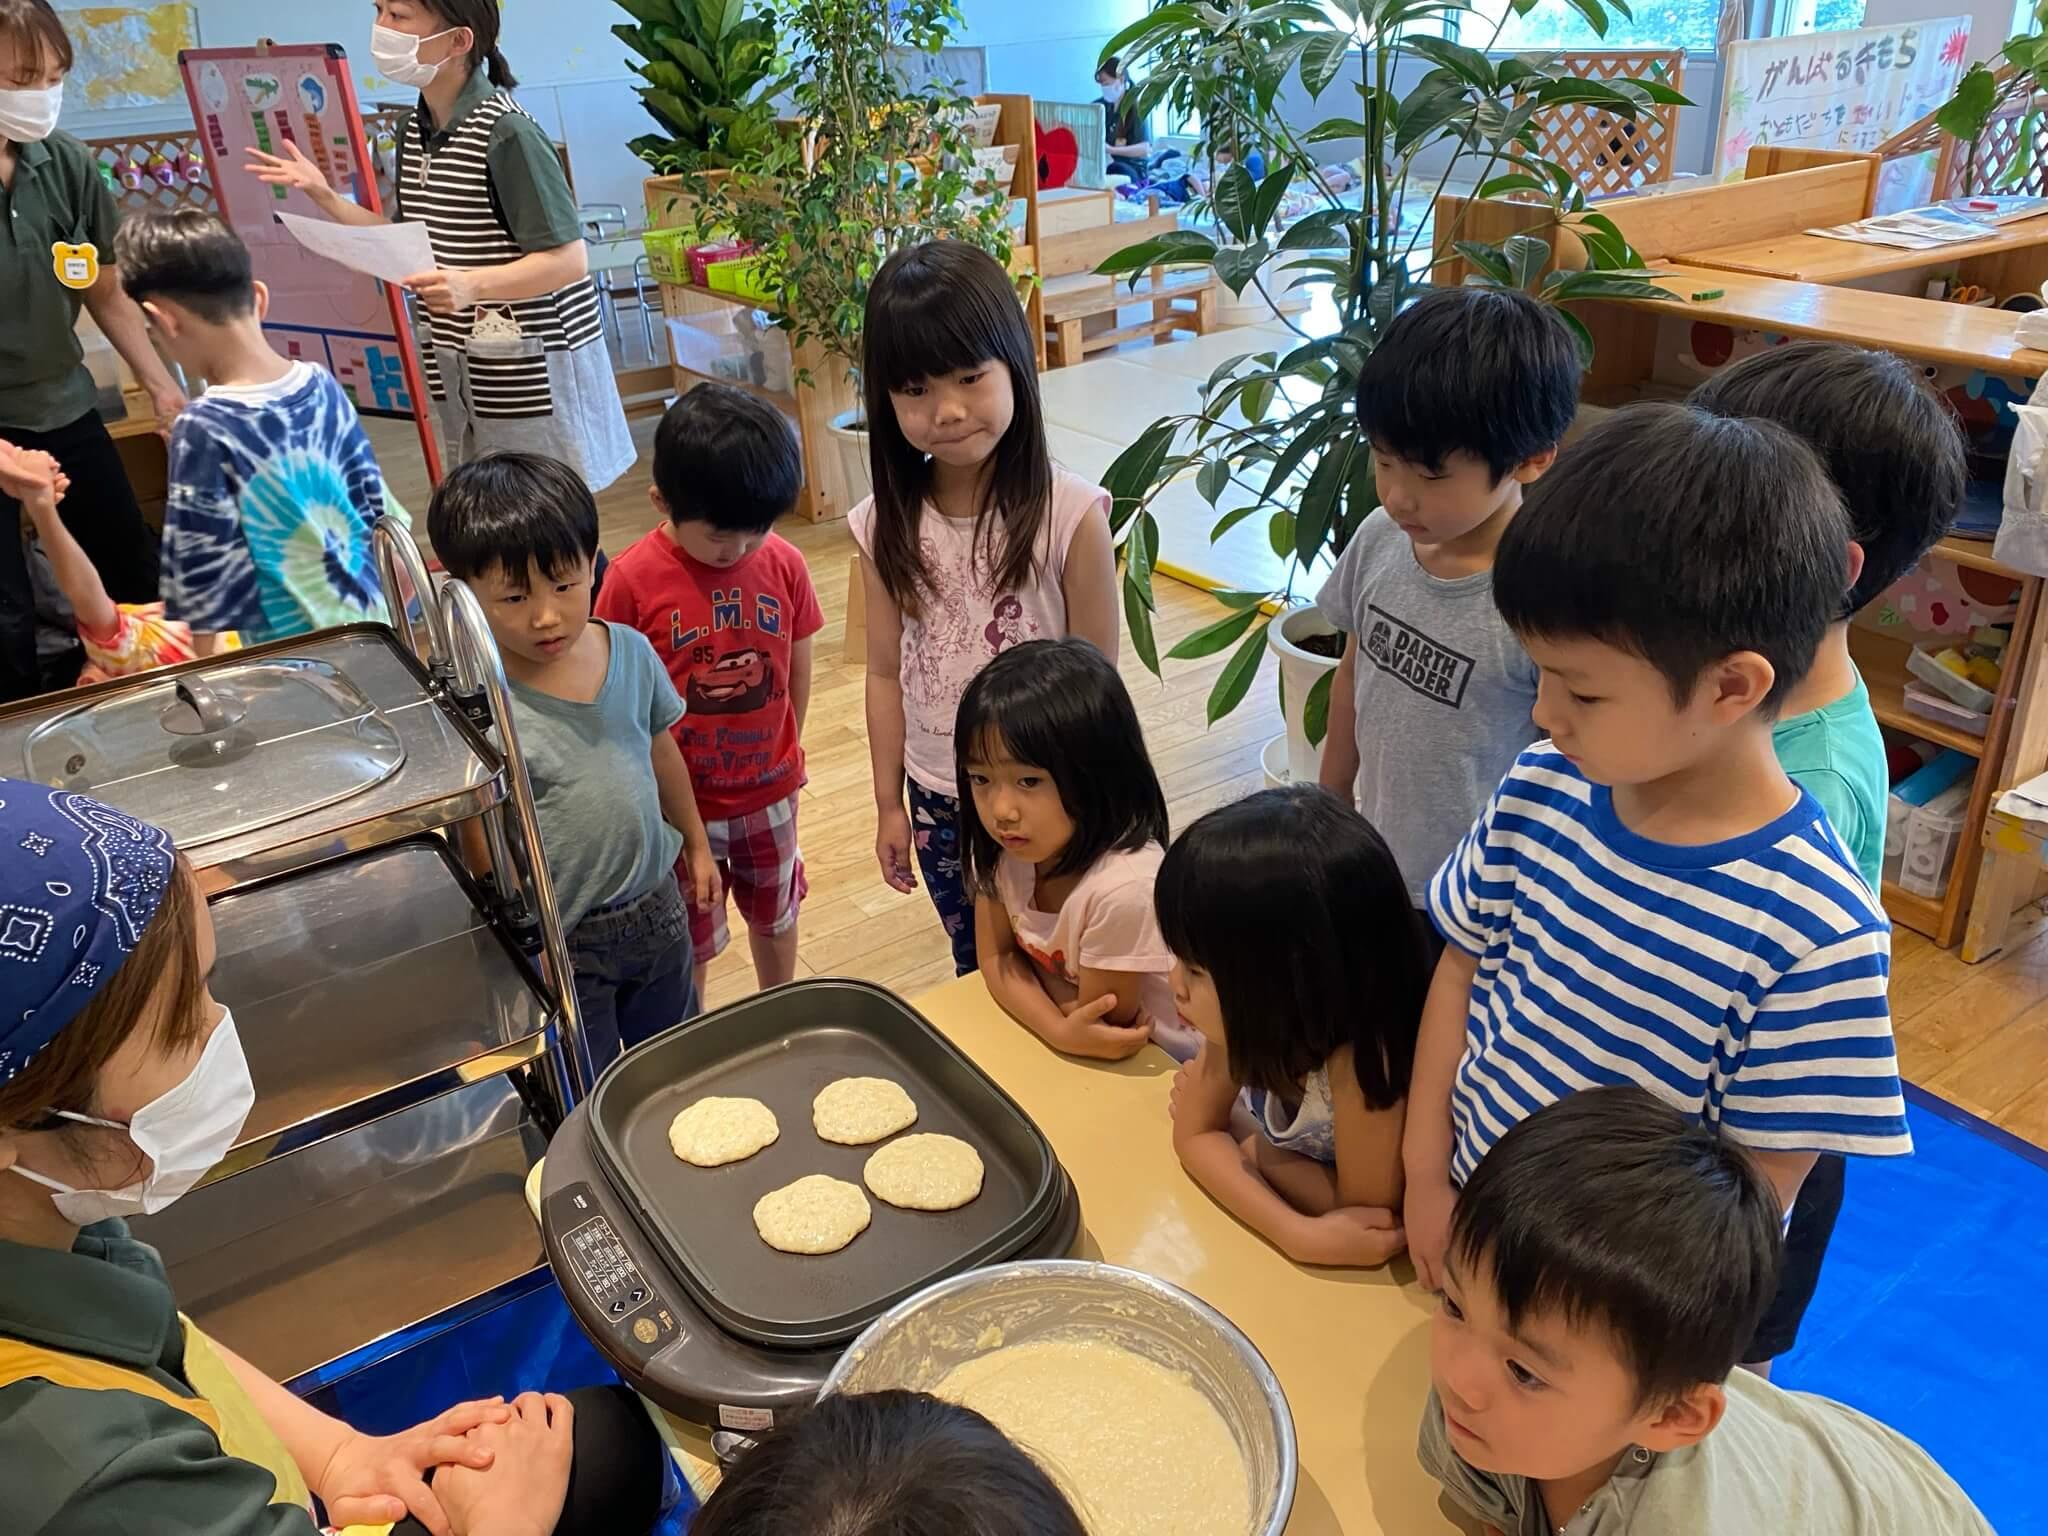 子どもたちの目の前で調理をする様子